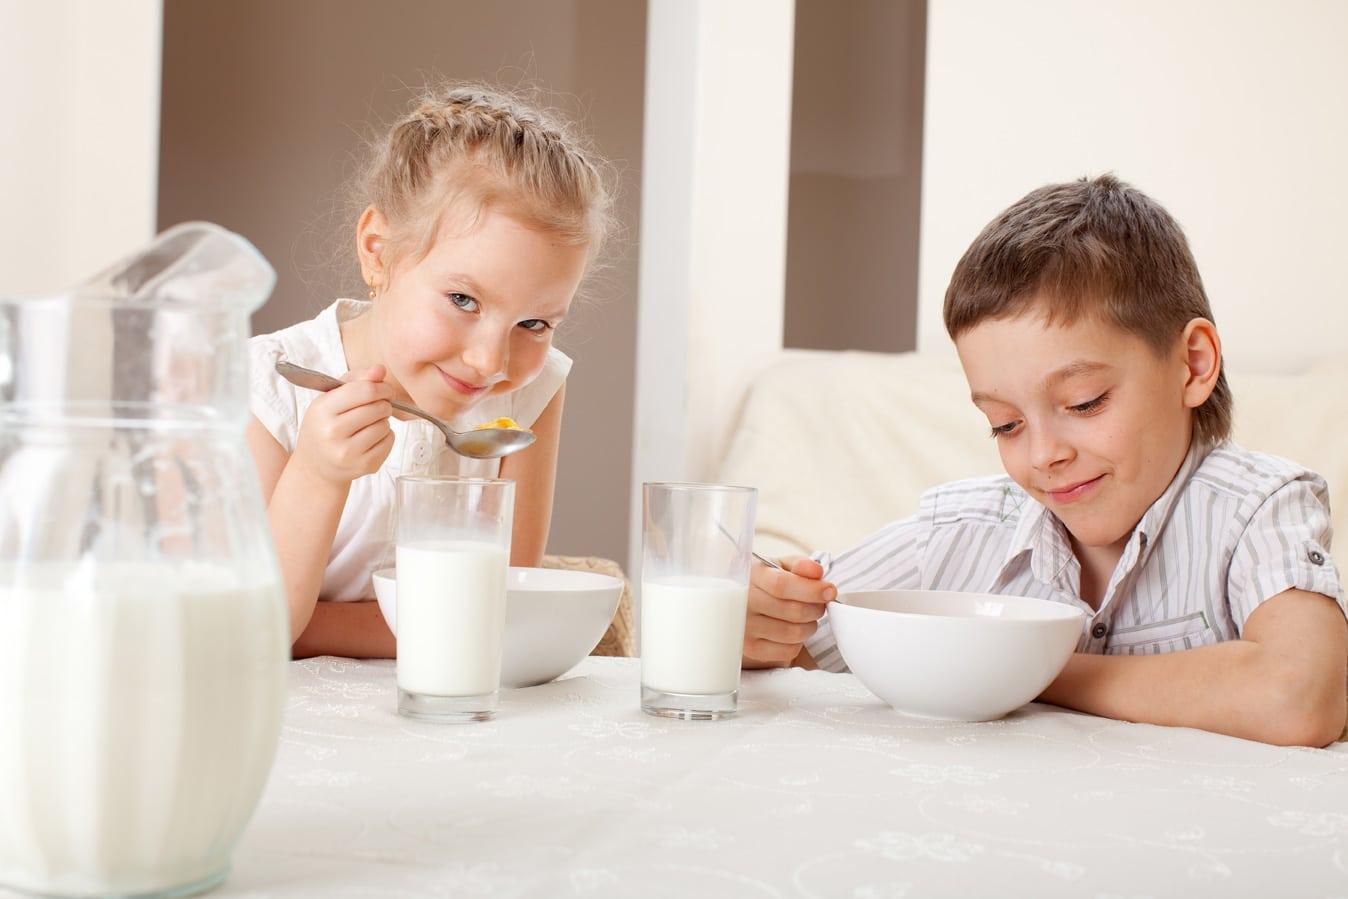 Kefirin faydalarından yararlanmak için ev yapımı olması ve düzenli bir şekilde içilmesi gerekiyor.